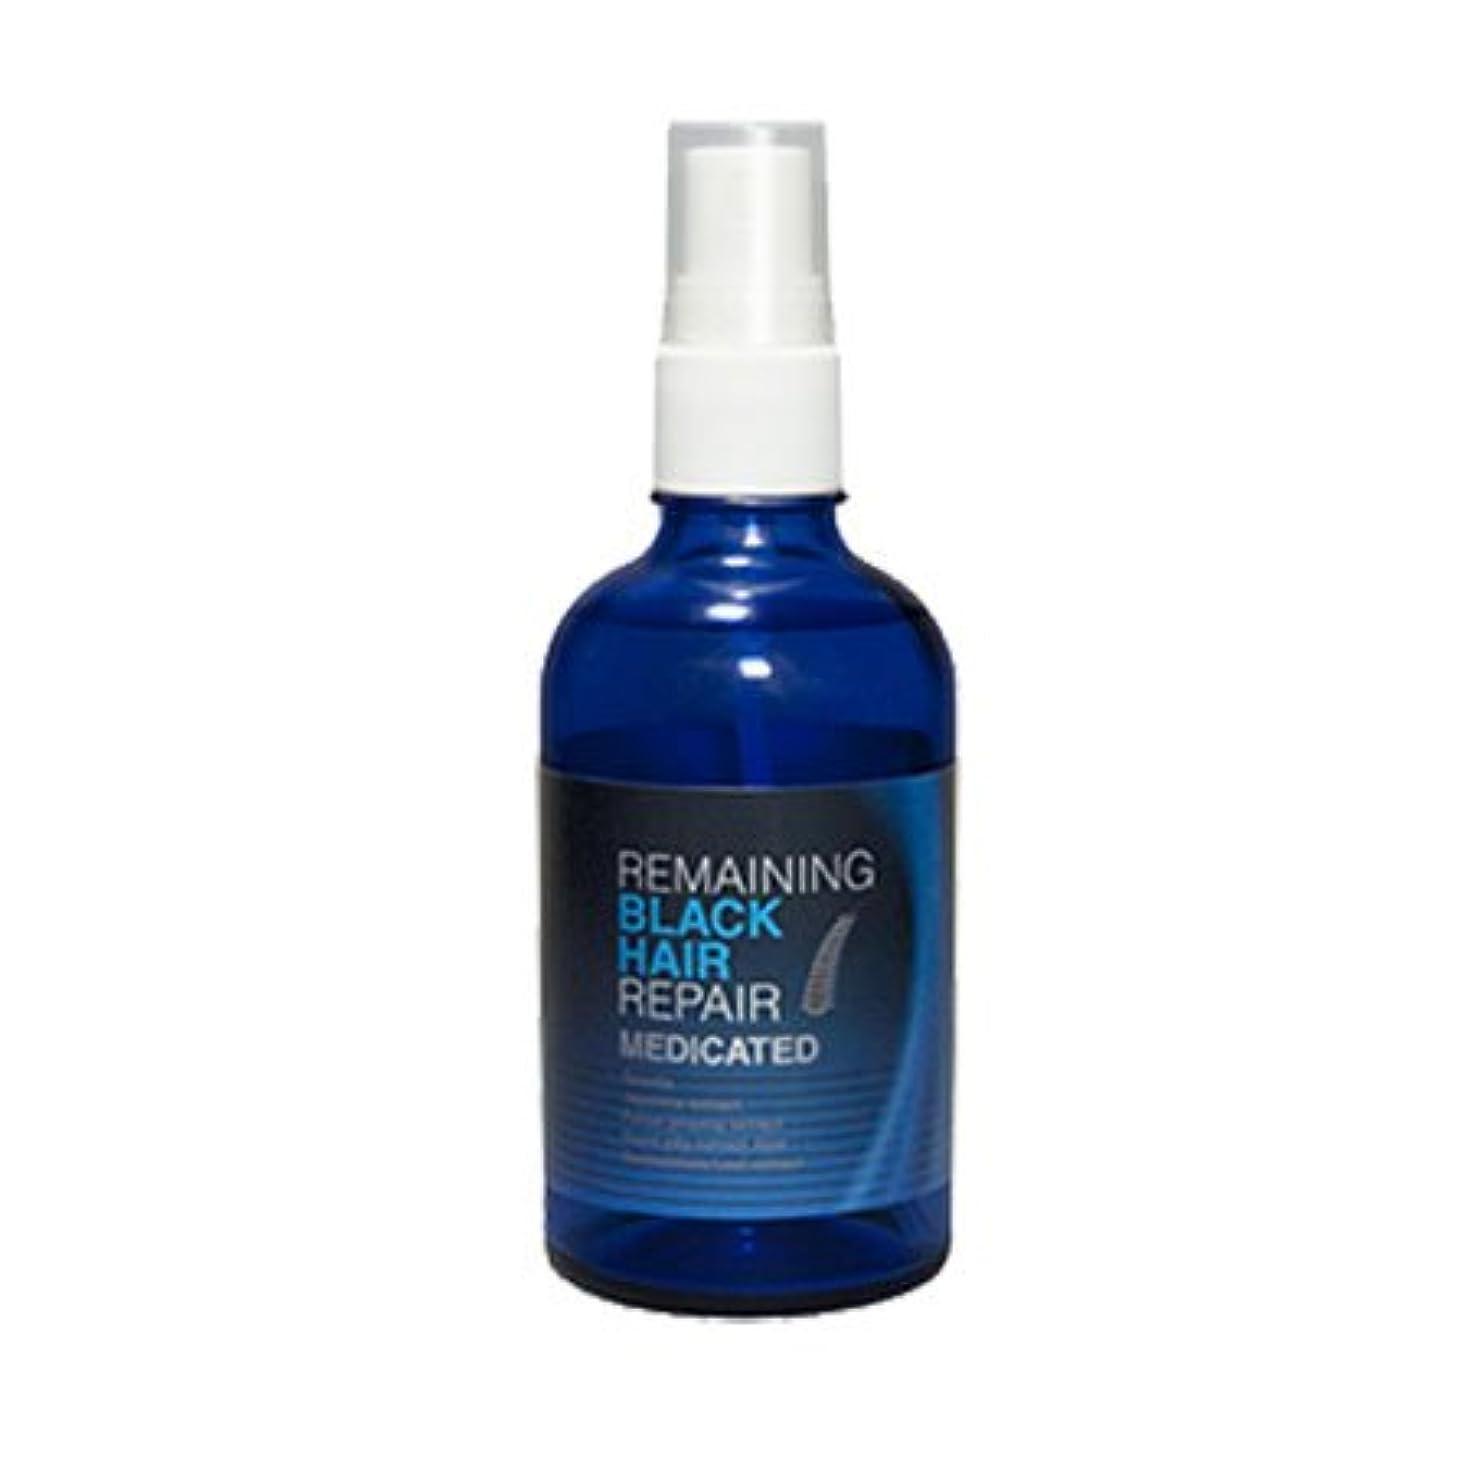 オプショナル感情のホールリメイニング ブラックヘアリペア 100ml (旧商品名:リターンズブラック ヘアリペア)